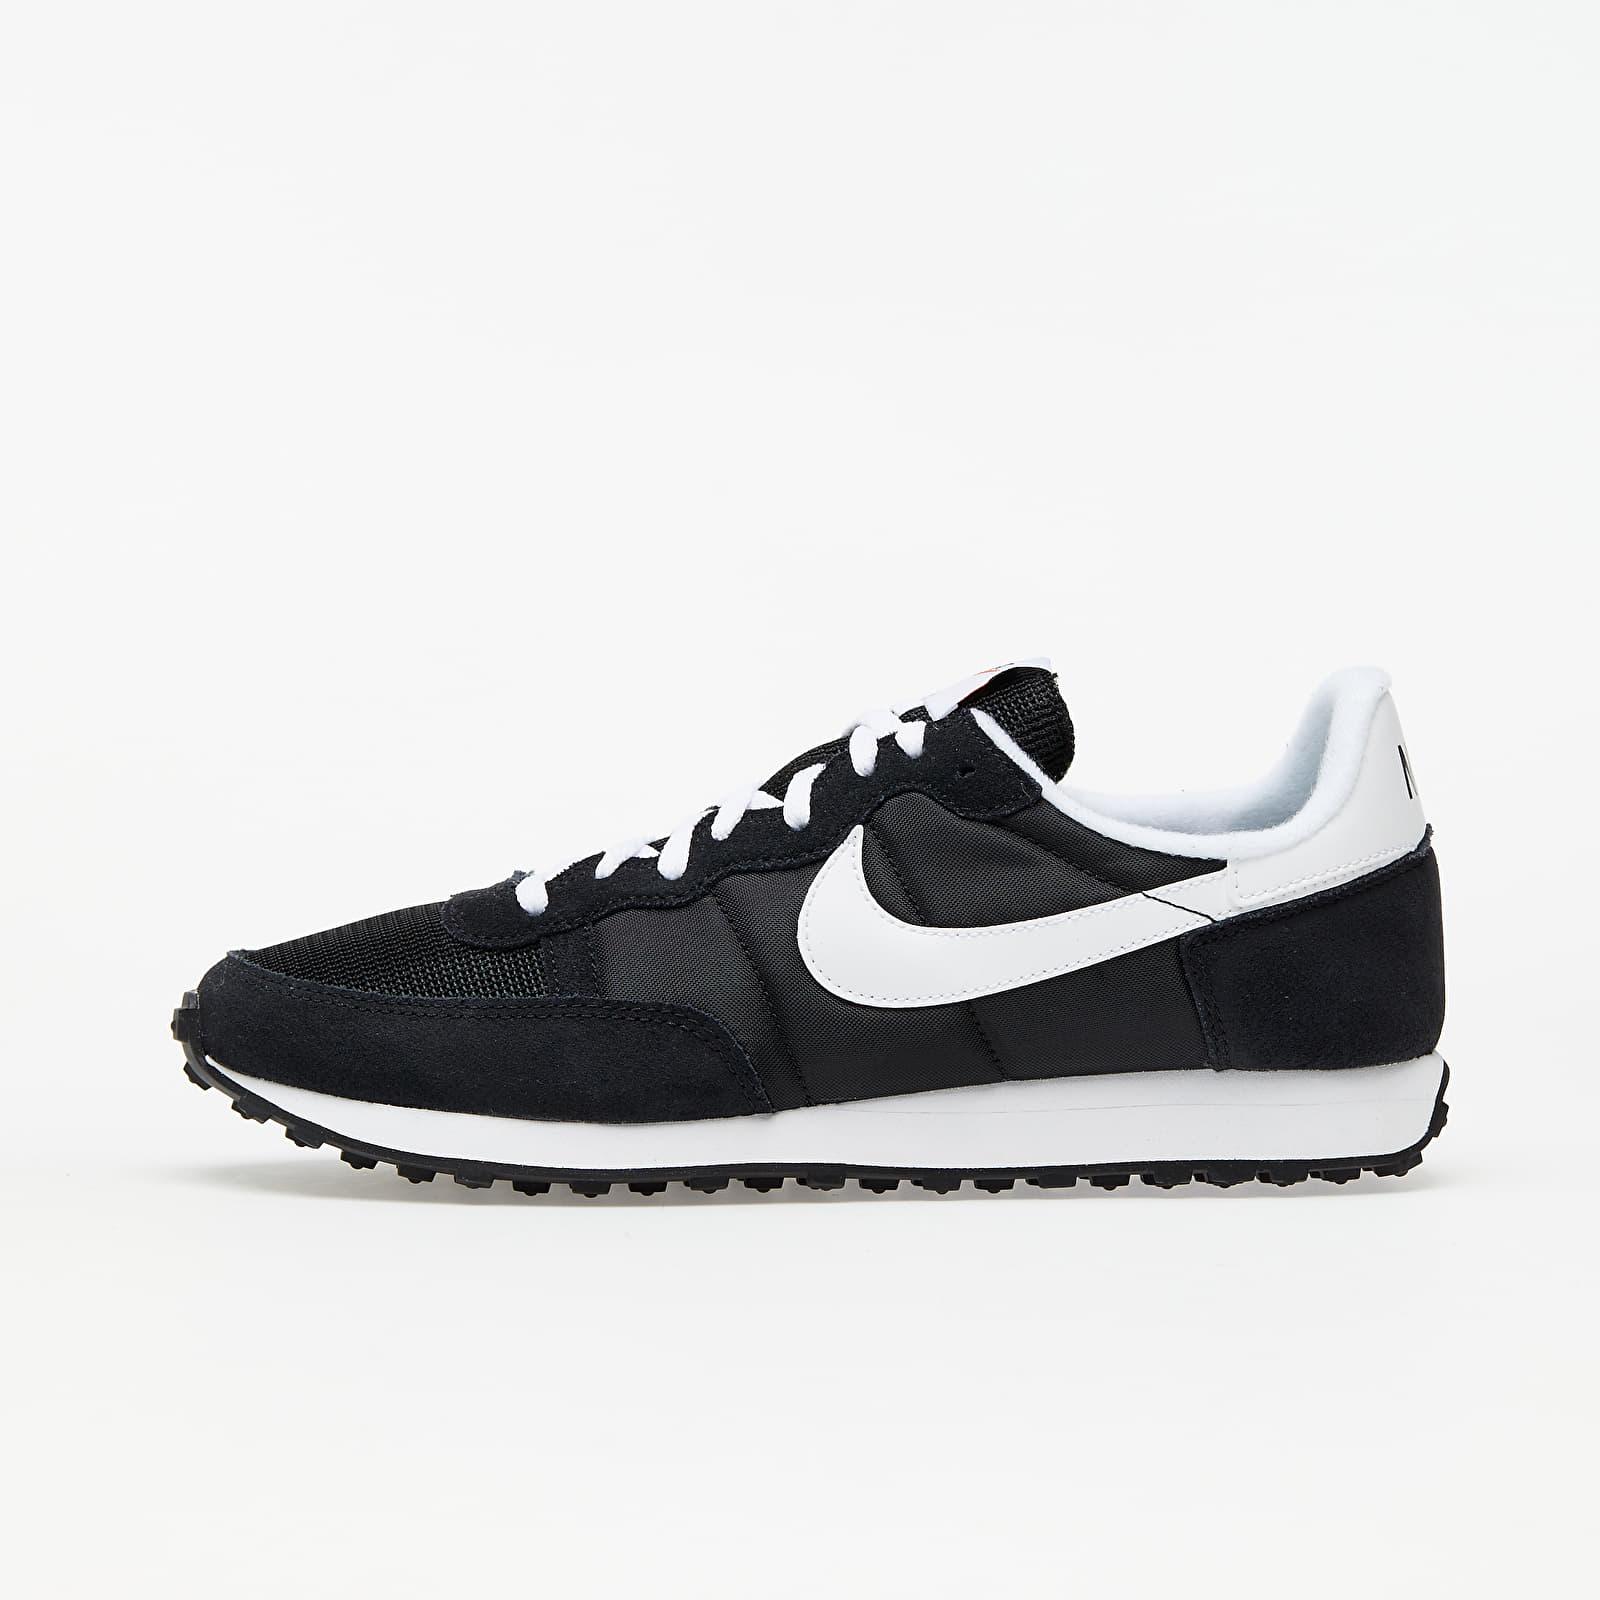 Nike Challenger OG Black/ White CW7645-002